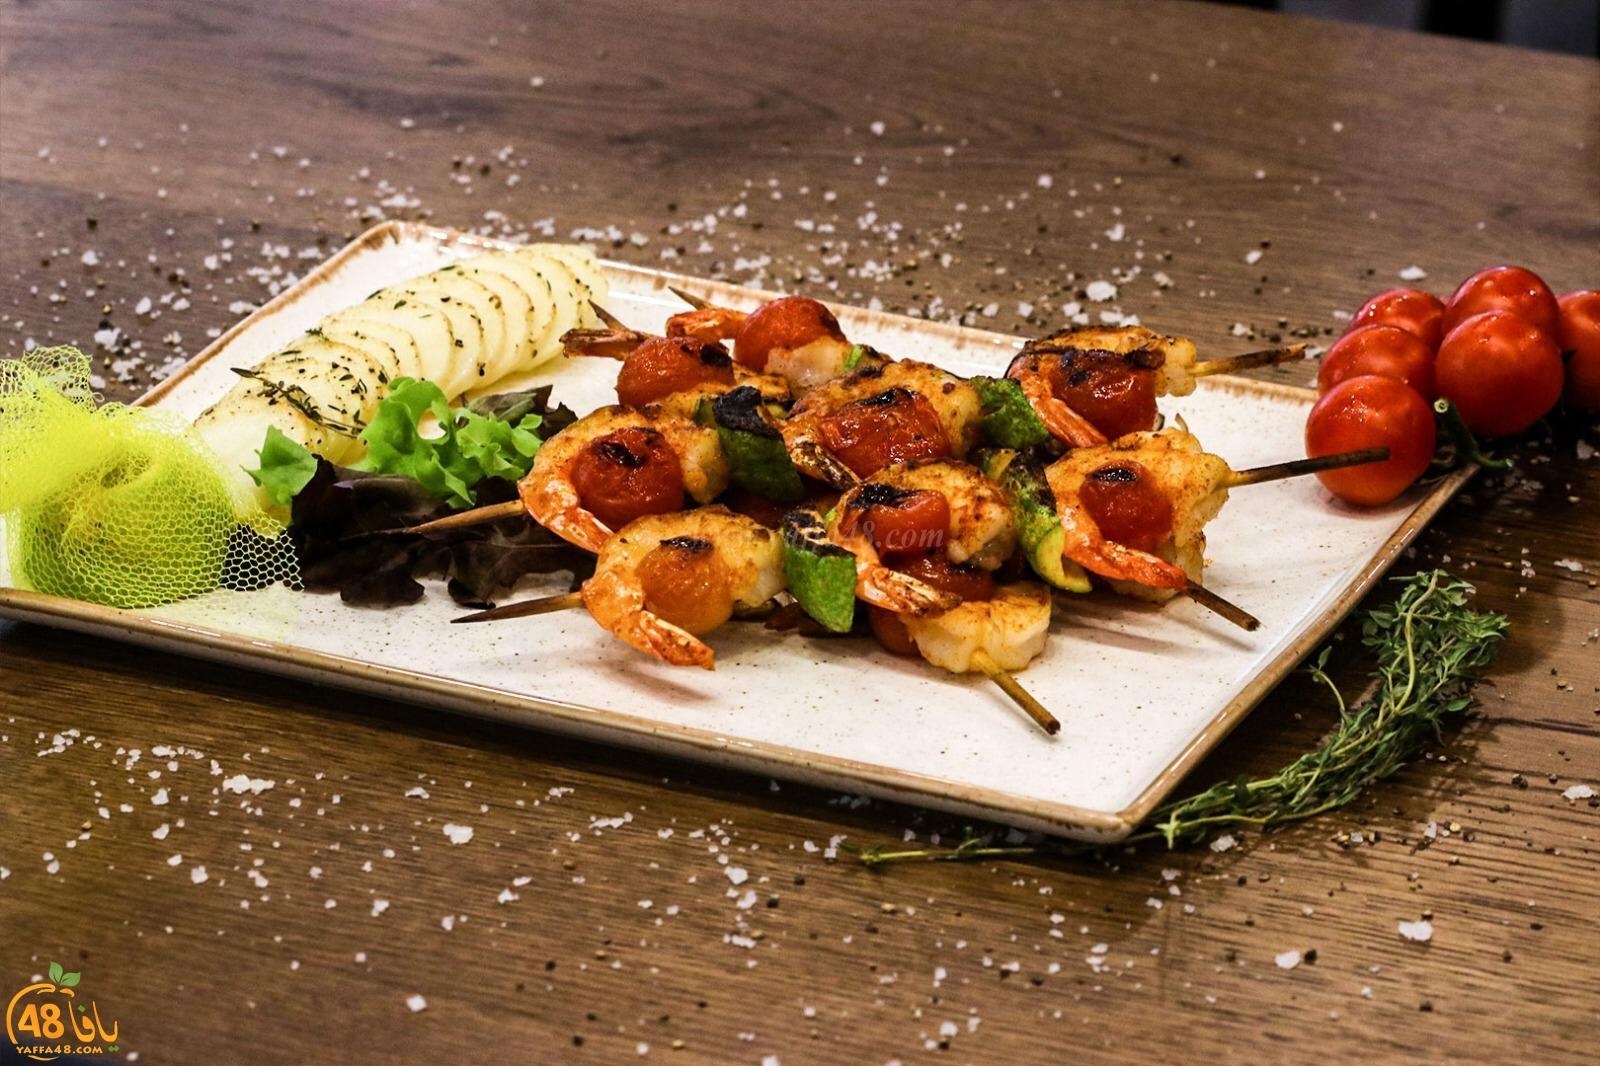 أشهى المأكولات البحرية في مطعم كافيار برام الله